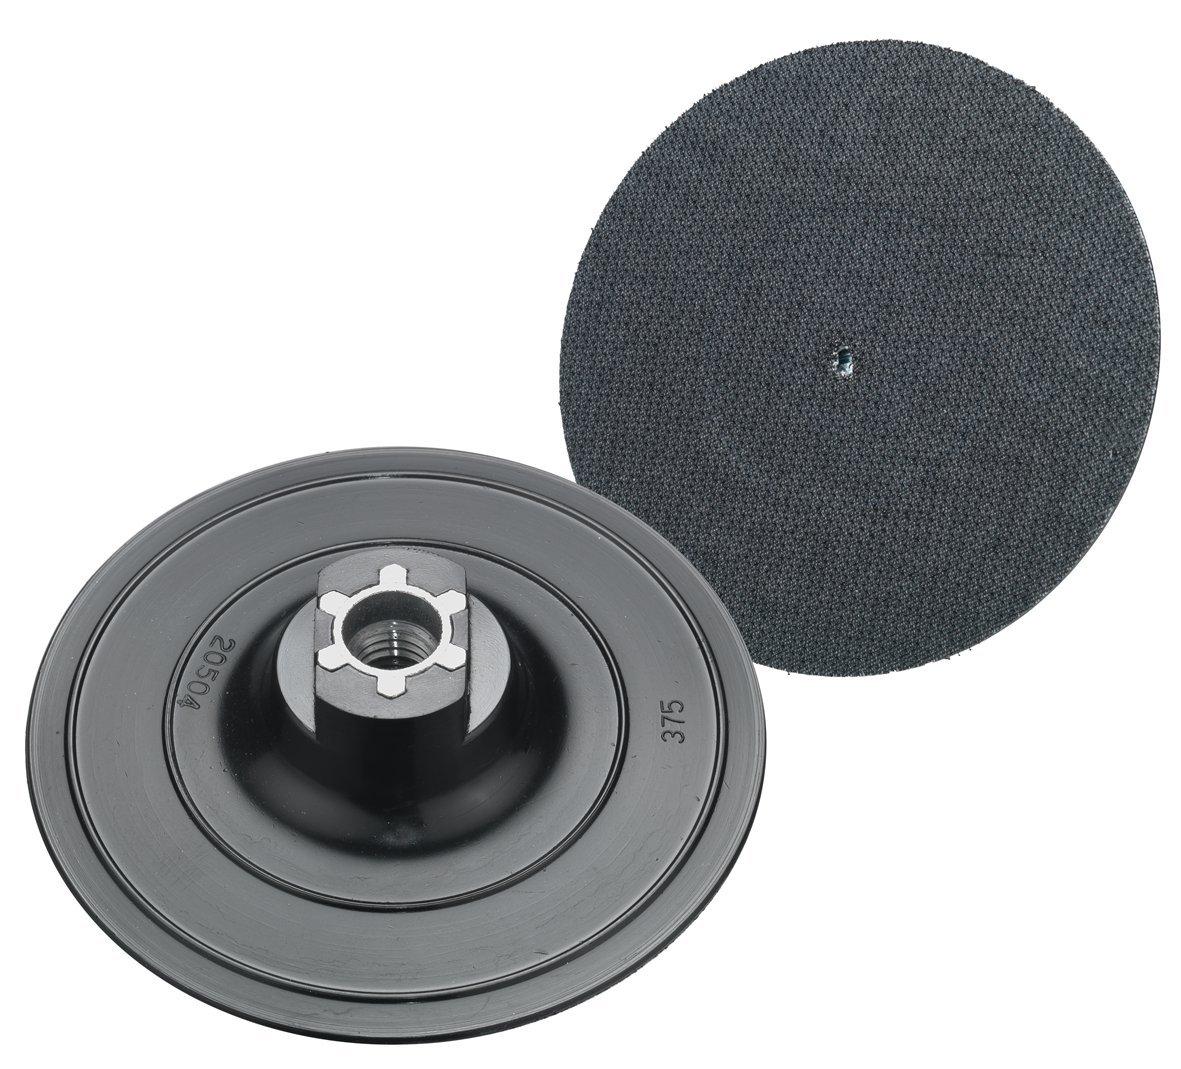 Connex COM191123 - Disco per pulizia in velcro con filettatura M14 per levigatrice angolare e macchine per la pulizia, 123 mm